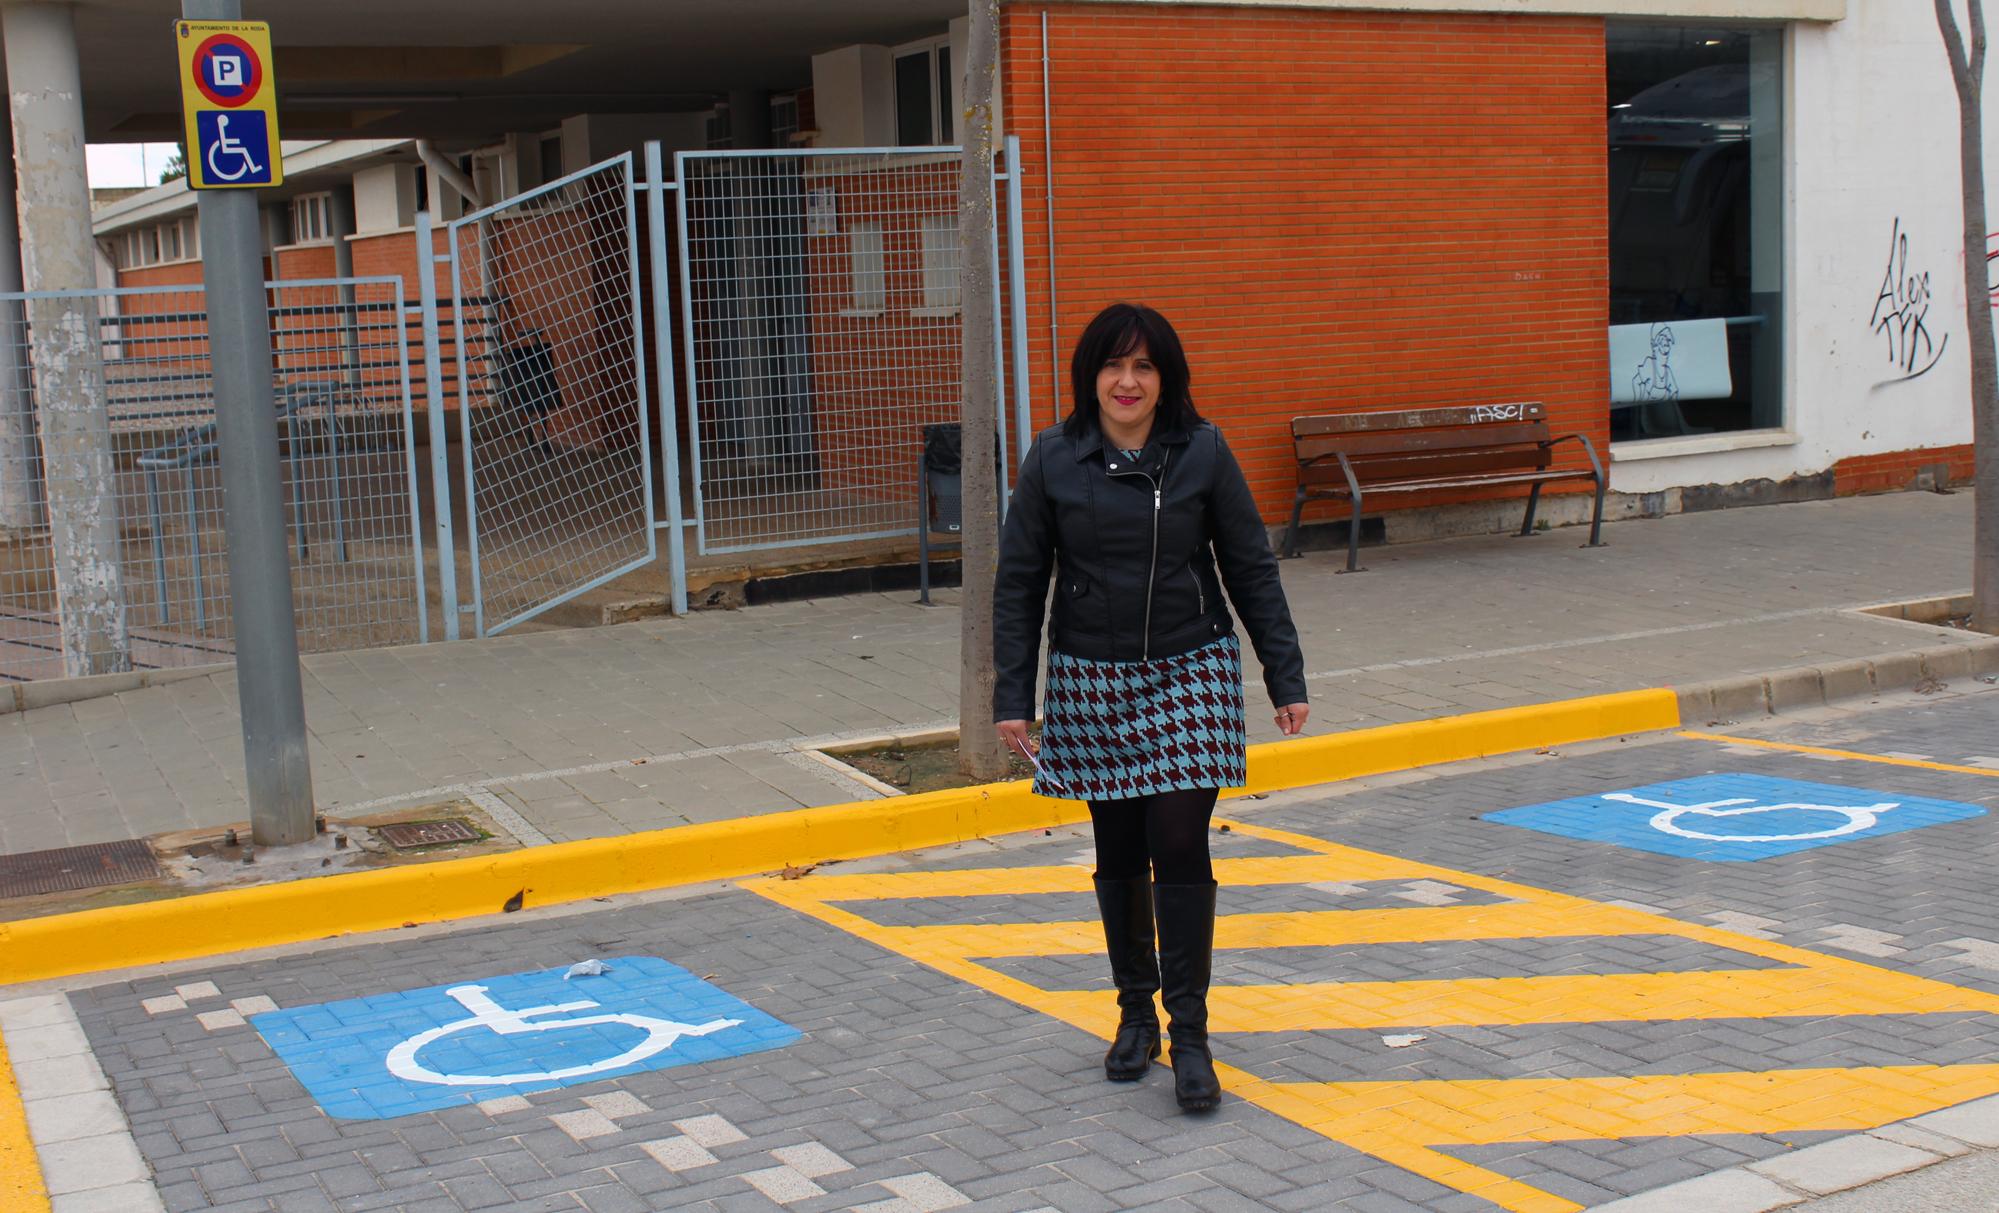 Se Duplicarán Las Plazas De Aparcamiento Para Personas Con Movilidad Reducida